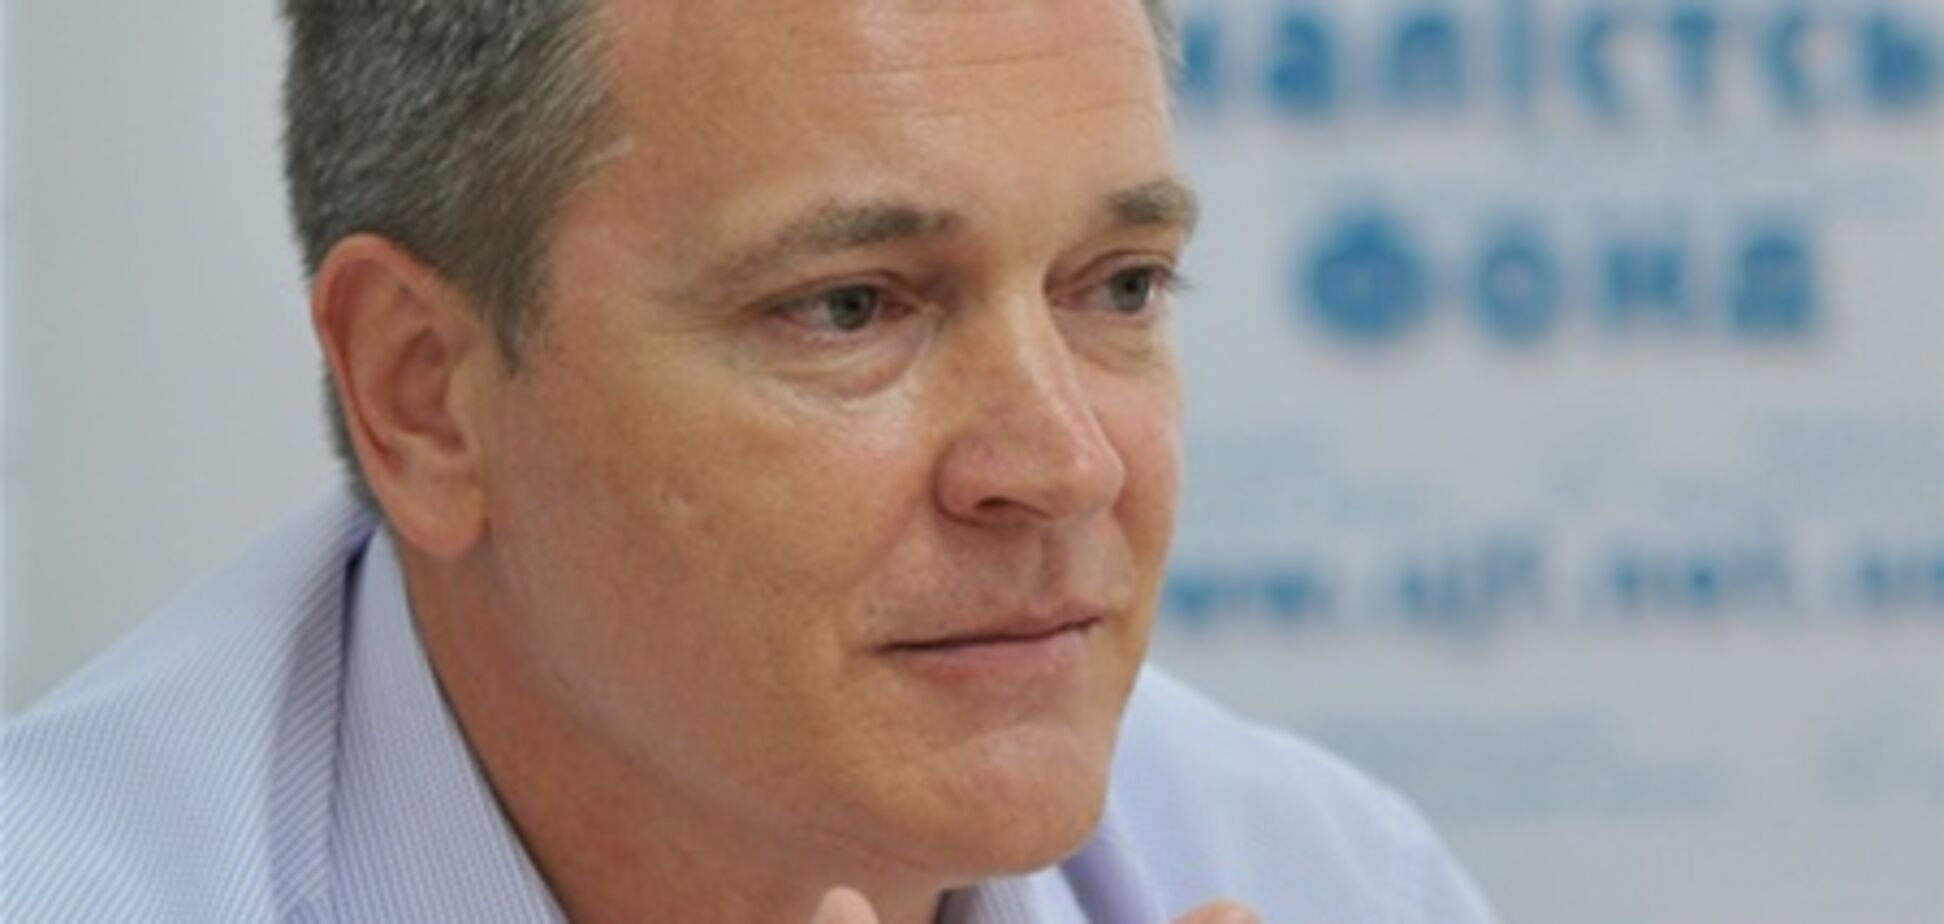 Колесниченко: на войне погиб мой дед, а не отец!